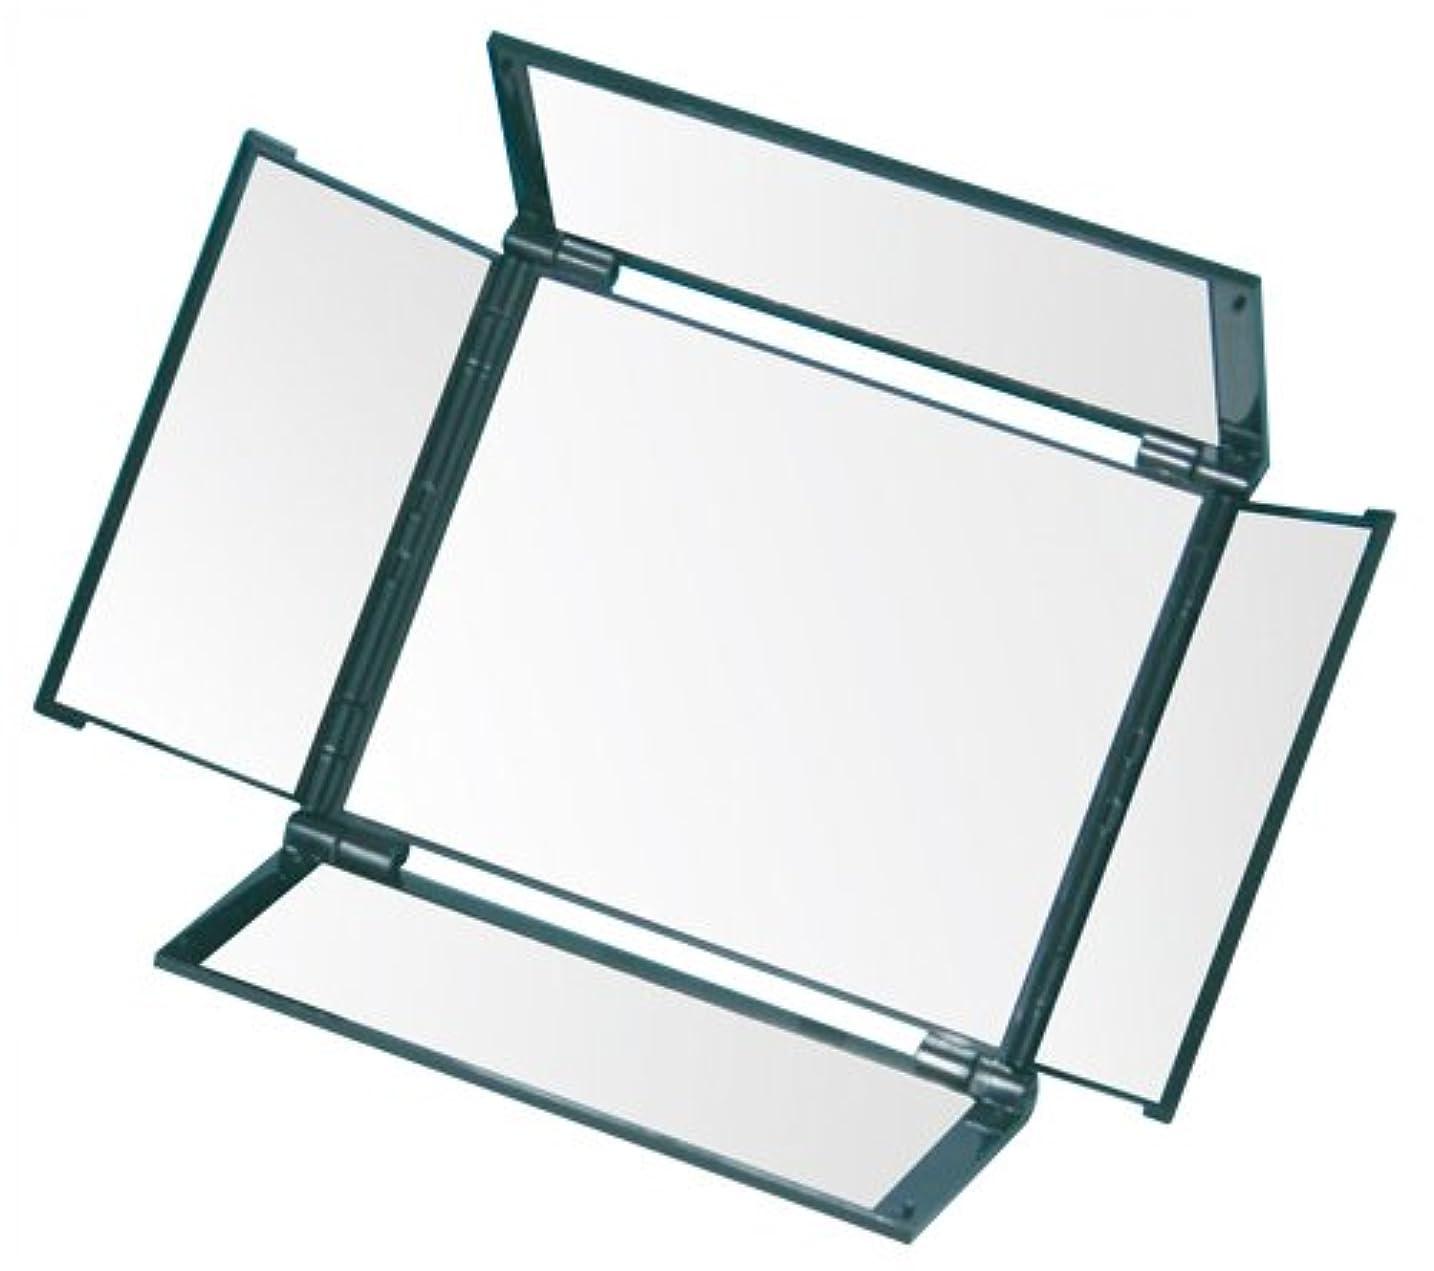 ユーザー洞察力のある合理的オールラウンドミラー(5面鏡) HA-5 メタリックブラック